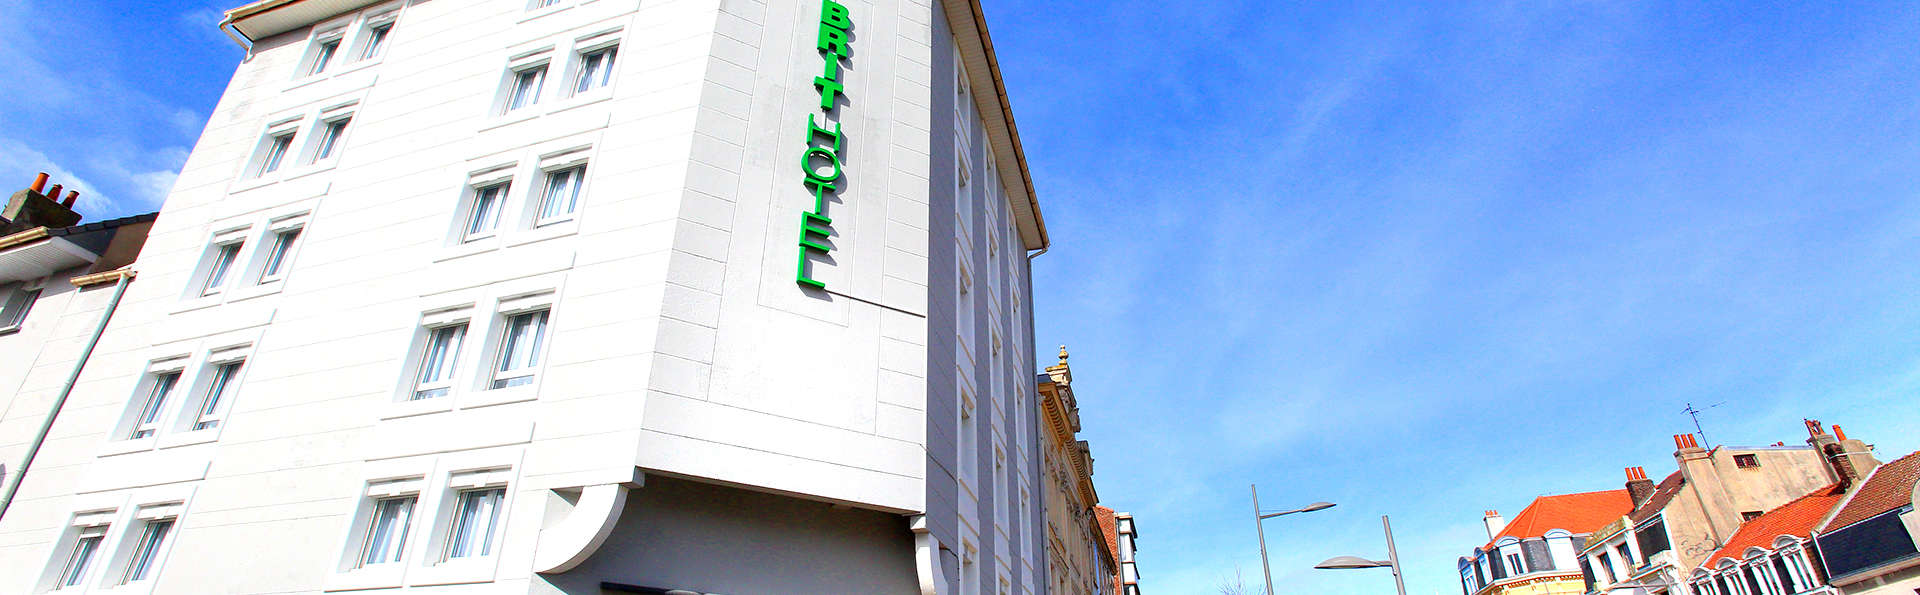 Brit Hotel Confort Calais 3